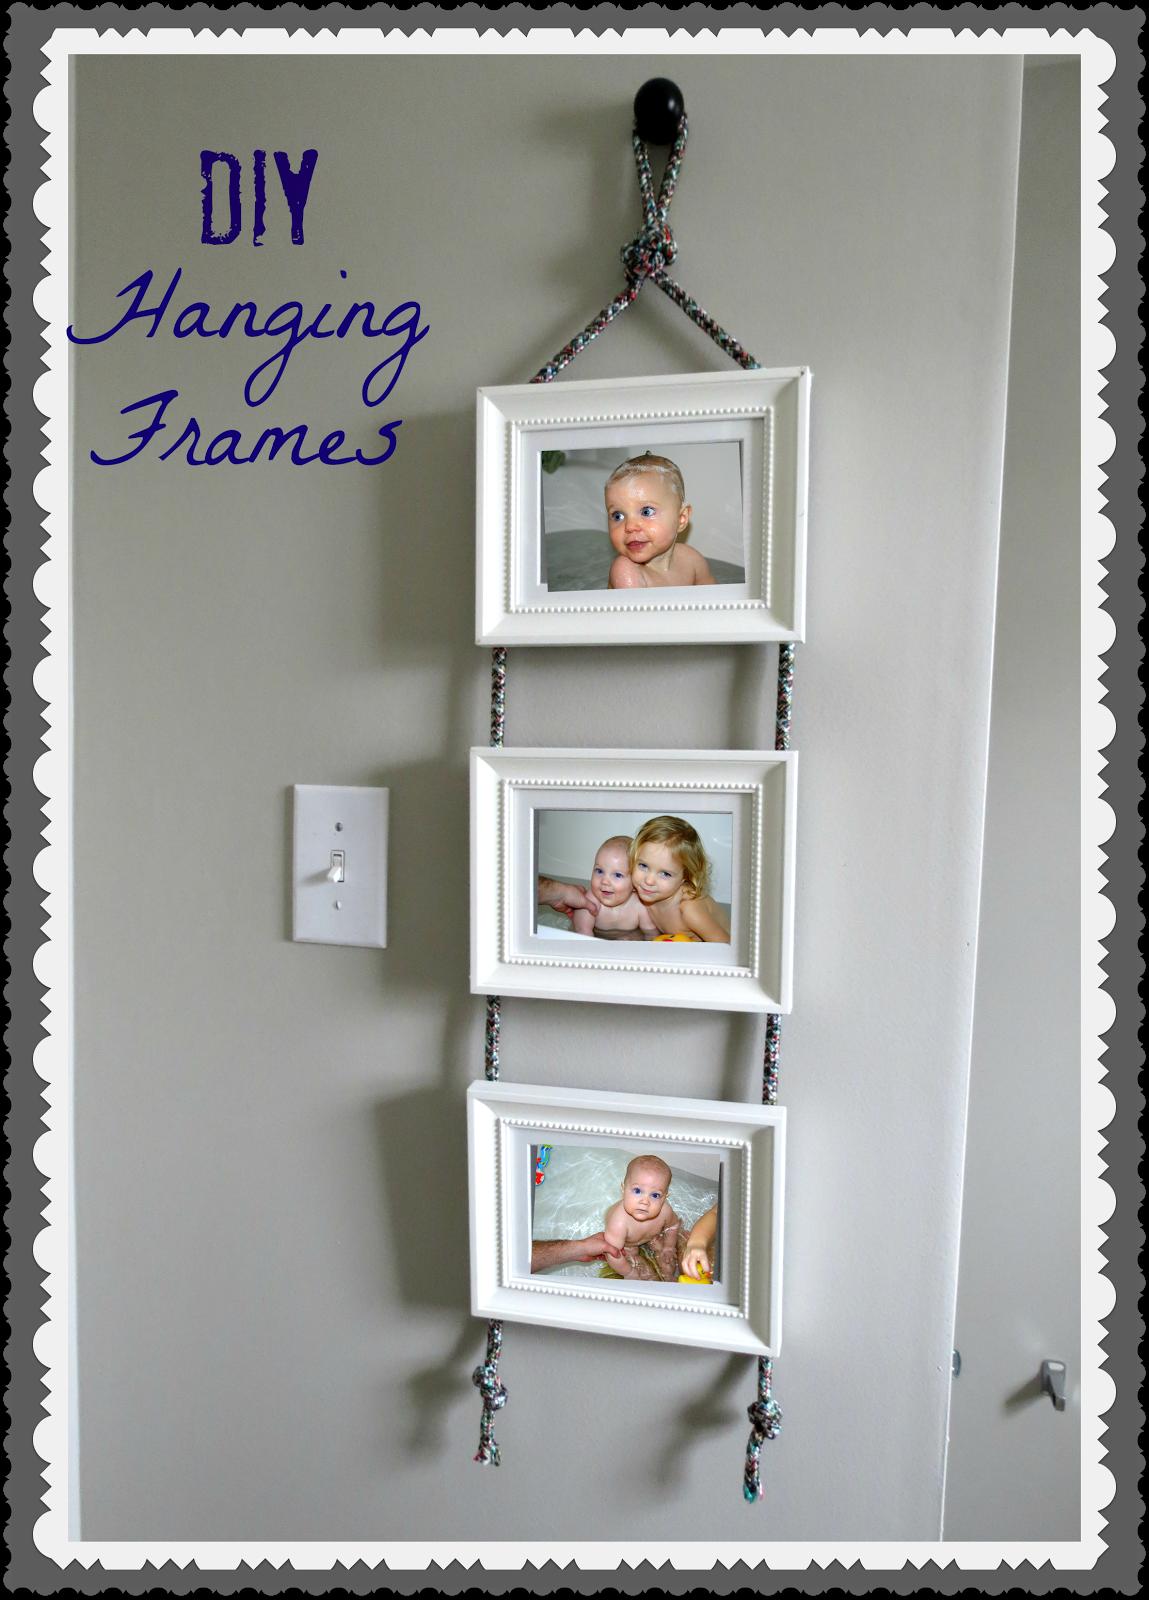 Diy Hanging Frames Tutorial Diy Picture Frames Diy Hanging